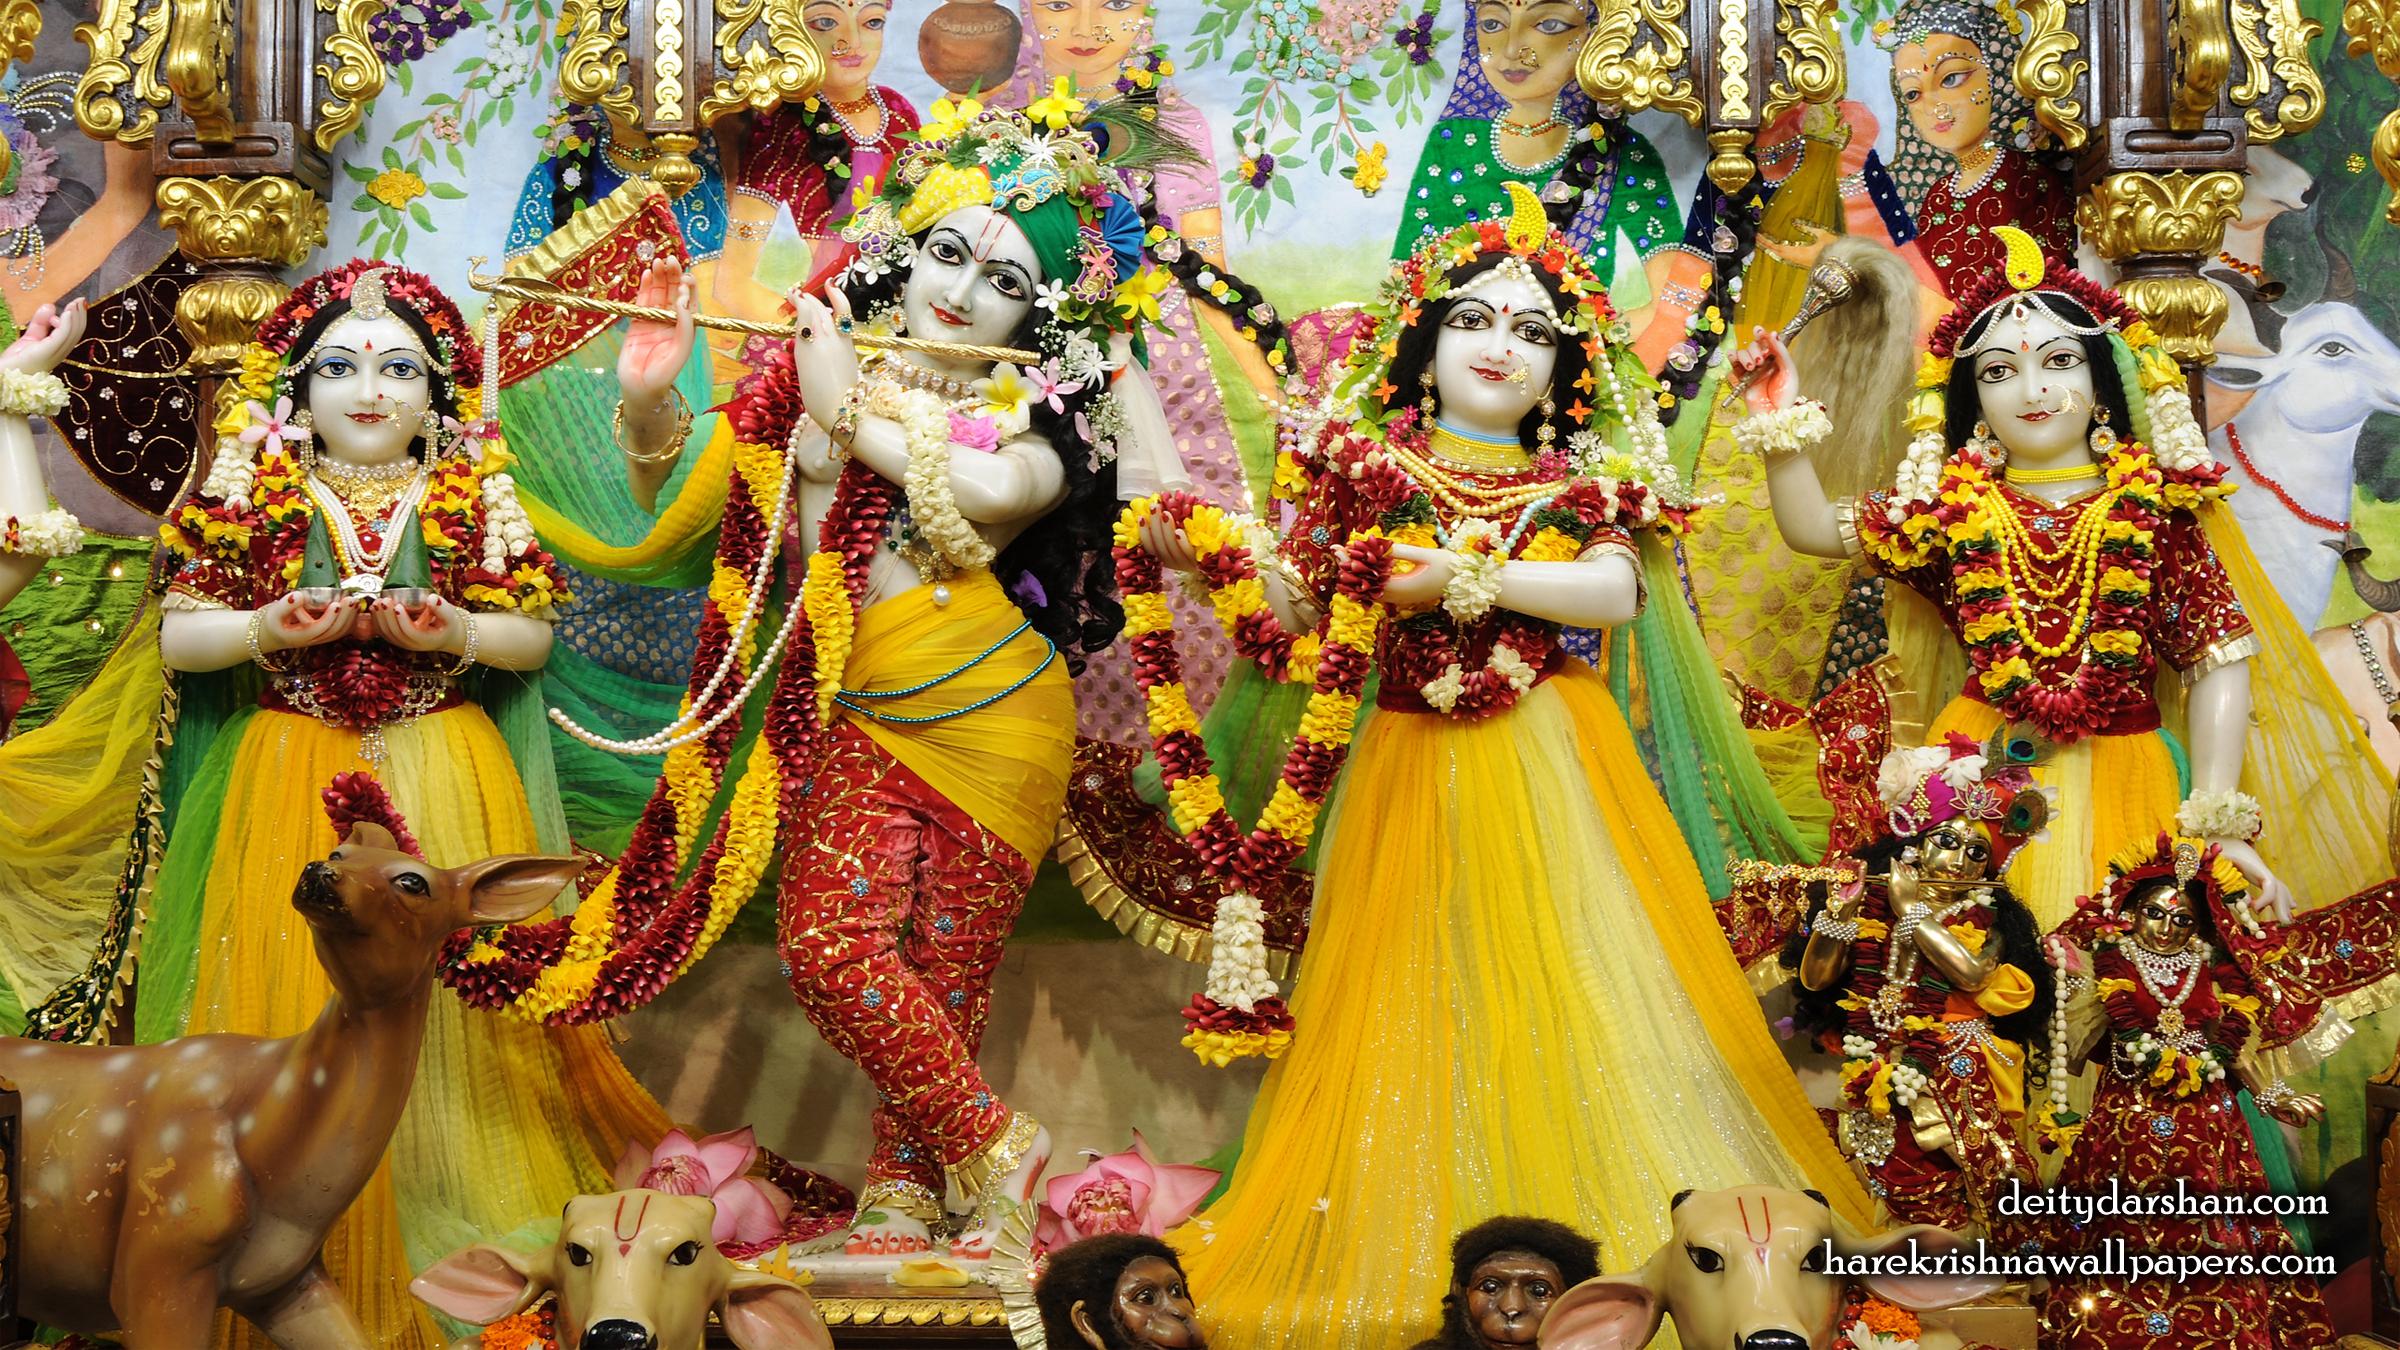 Sri Sri Radha Gopinath Lalita Vishakha Wallpaper (059) Size 2400x1350 Download